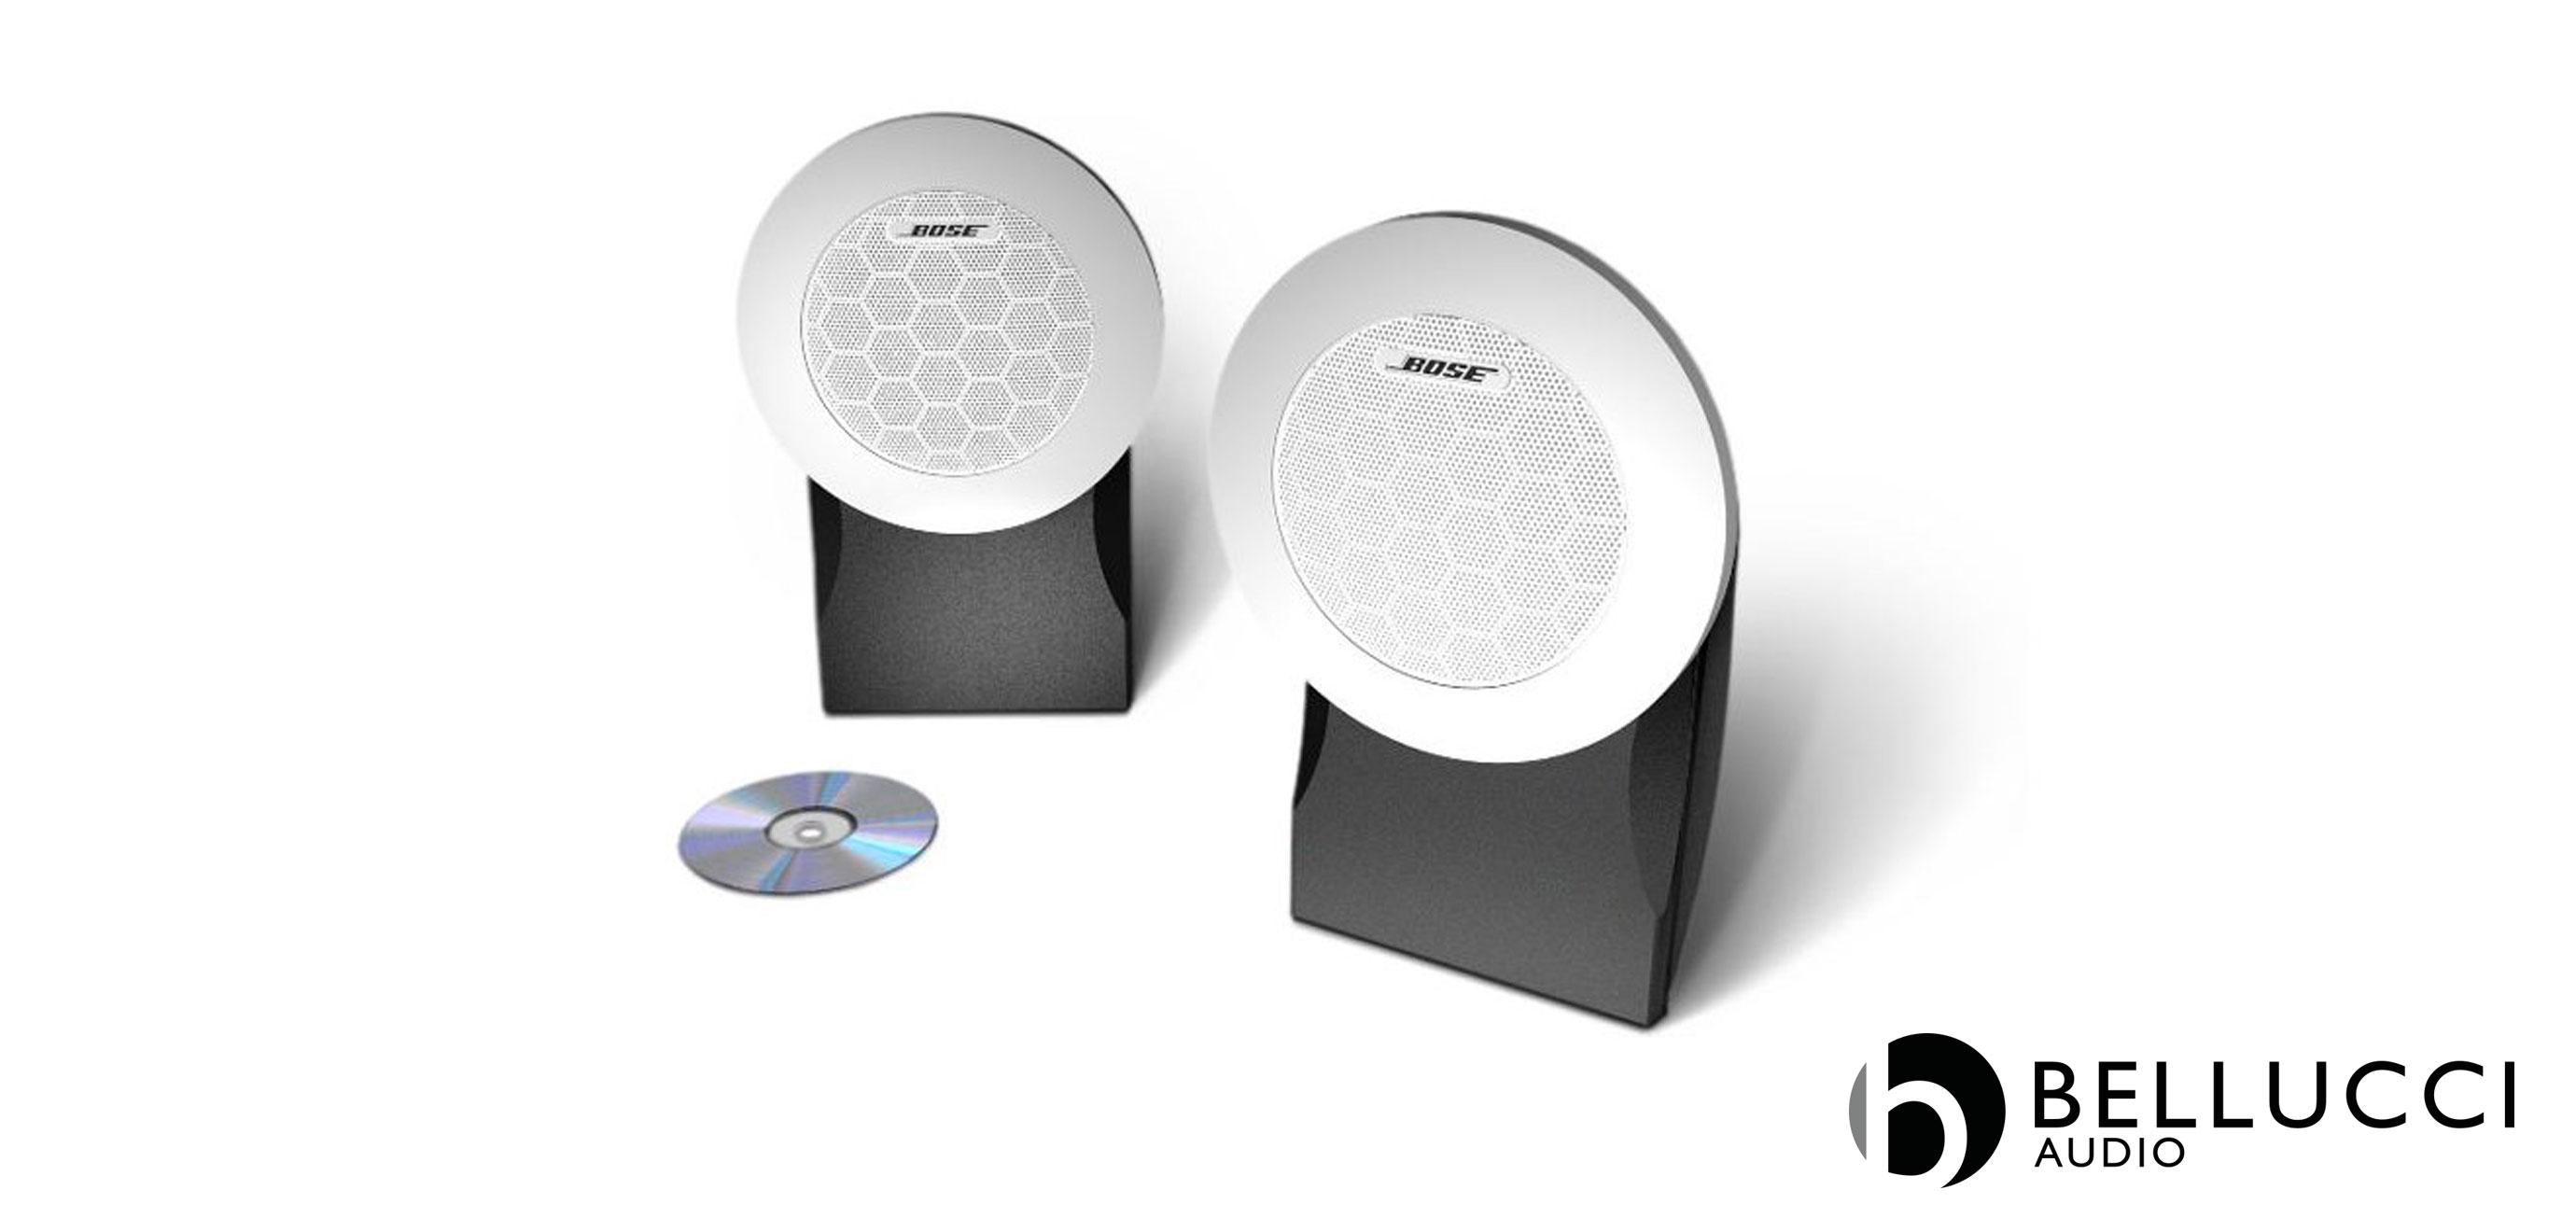 Bellucci audio bose diffusori da esterno e marini for Casse bose per tv